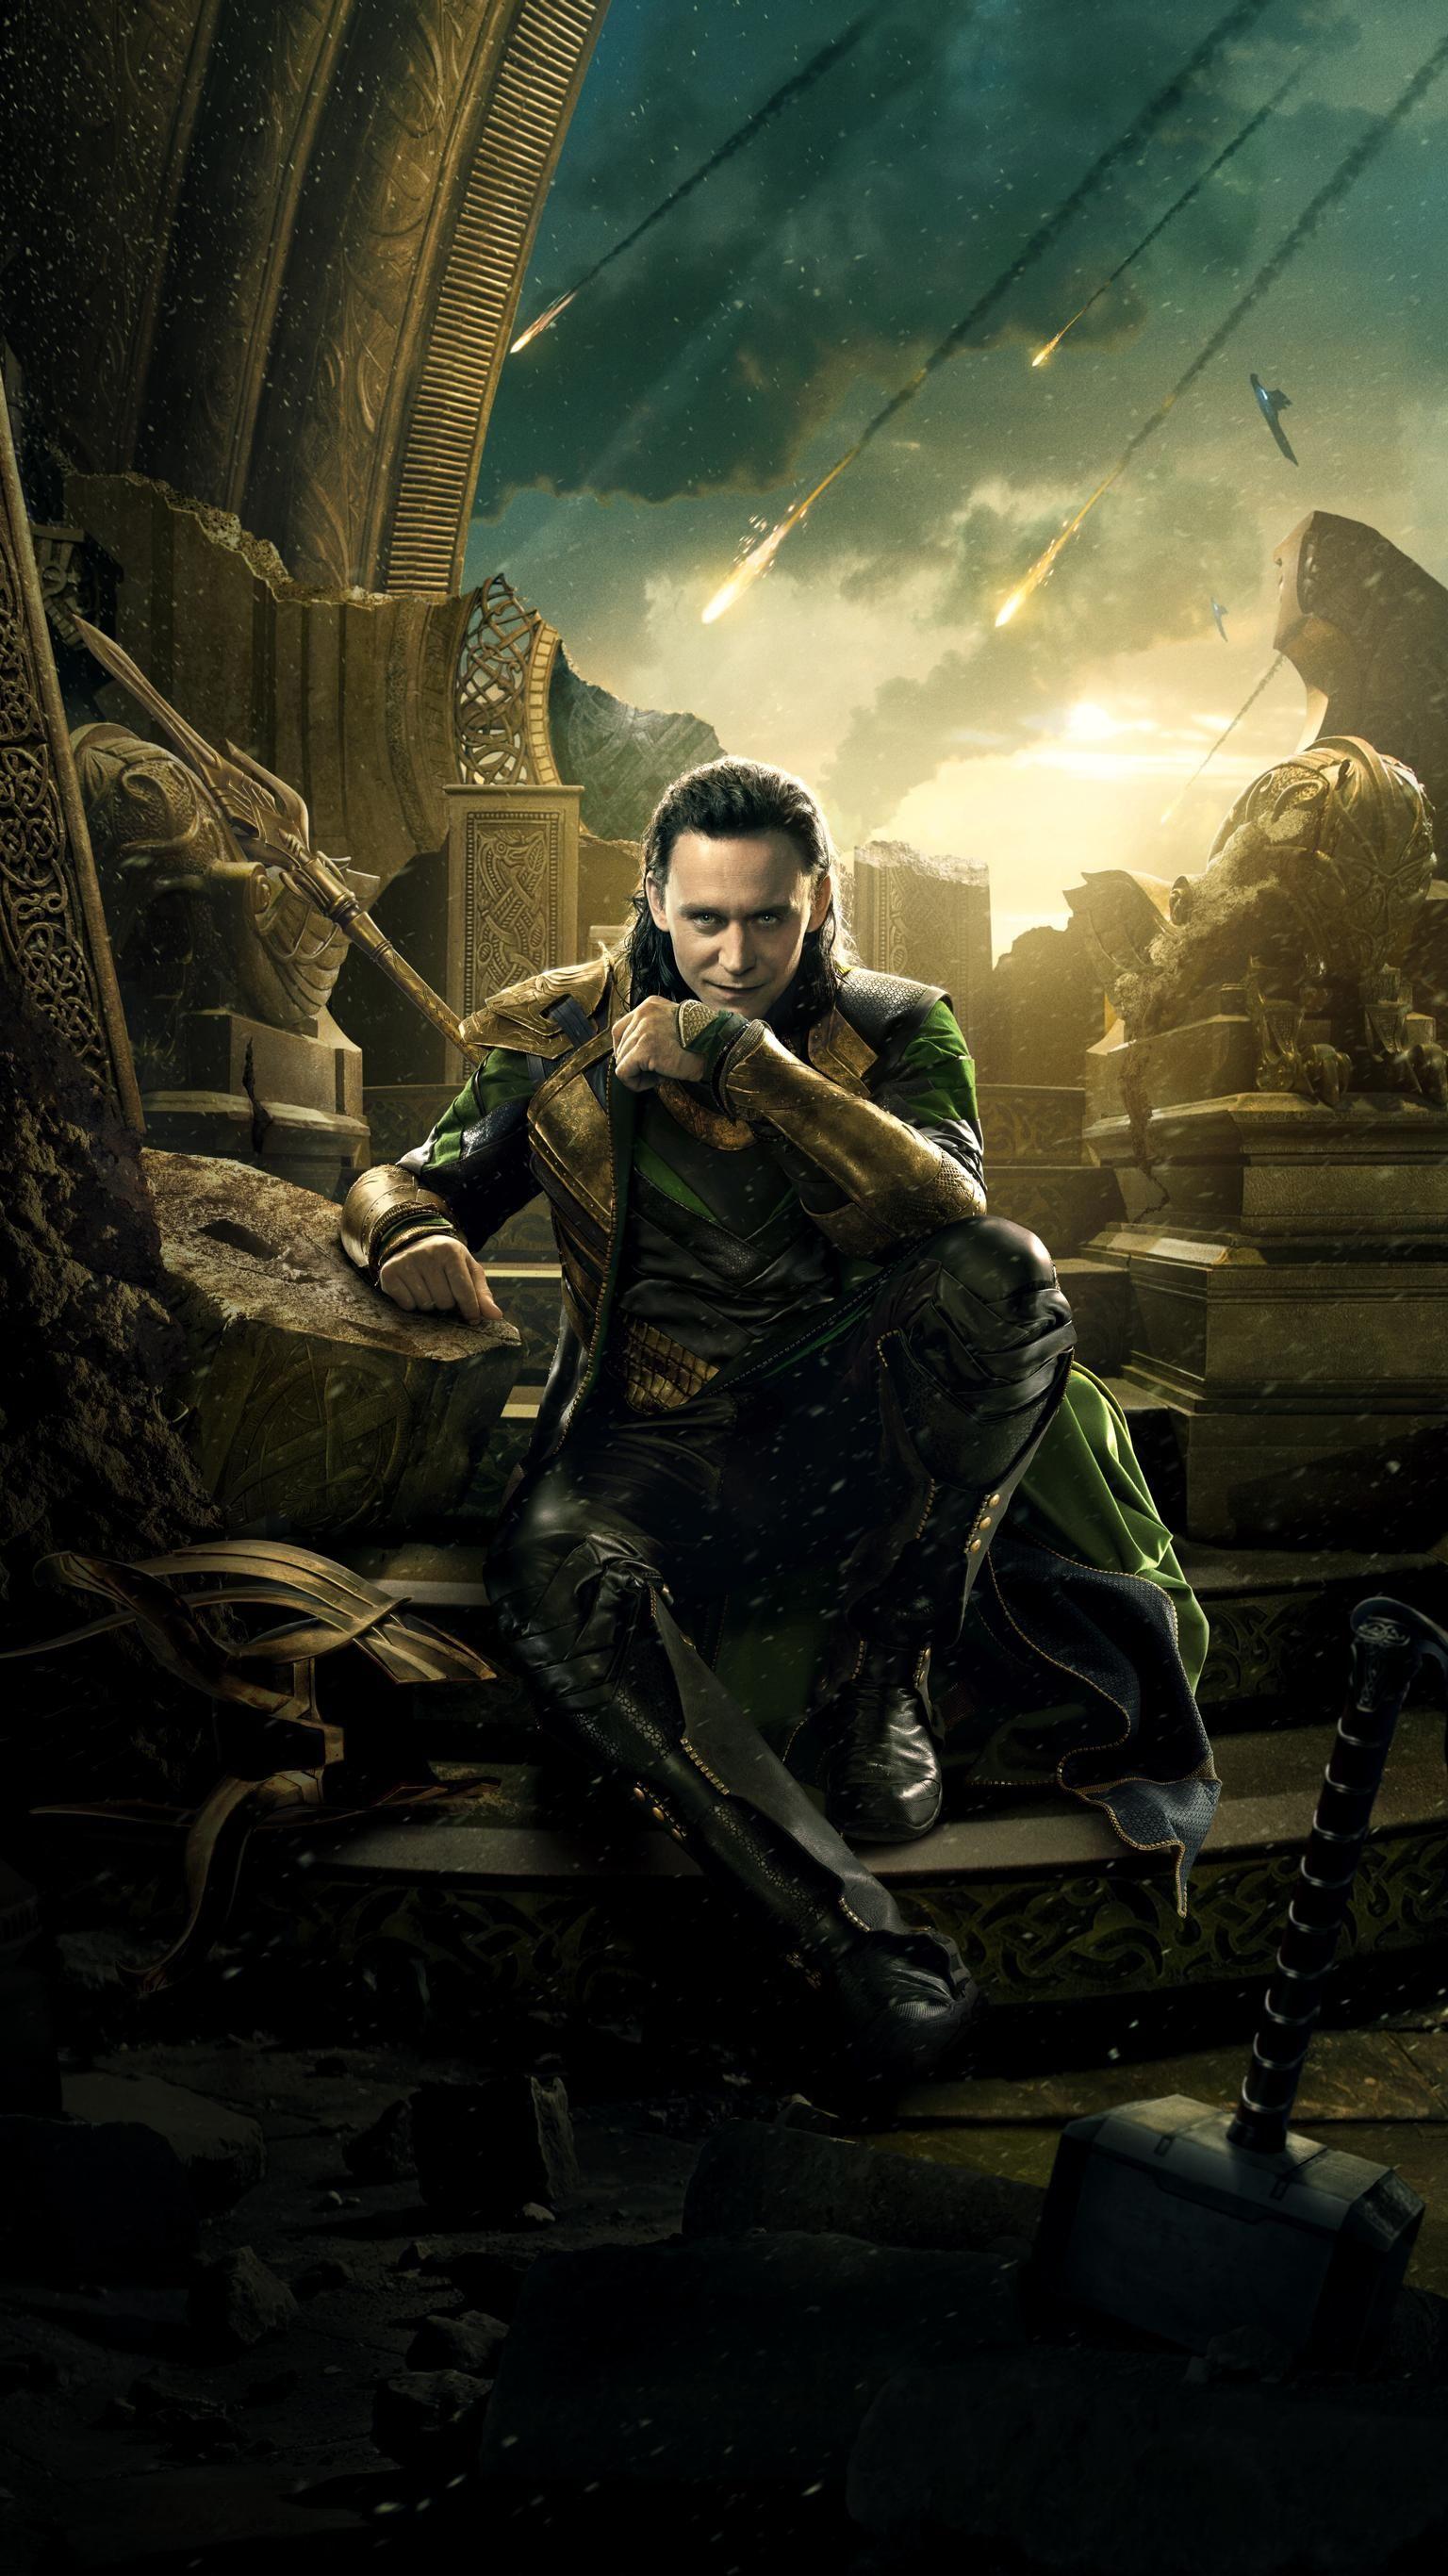 Thor: The Dark World (2013) Phone Wallpaper   Moviemania